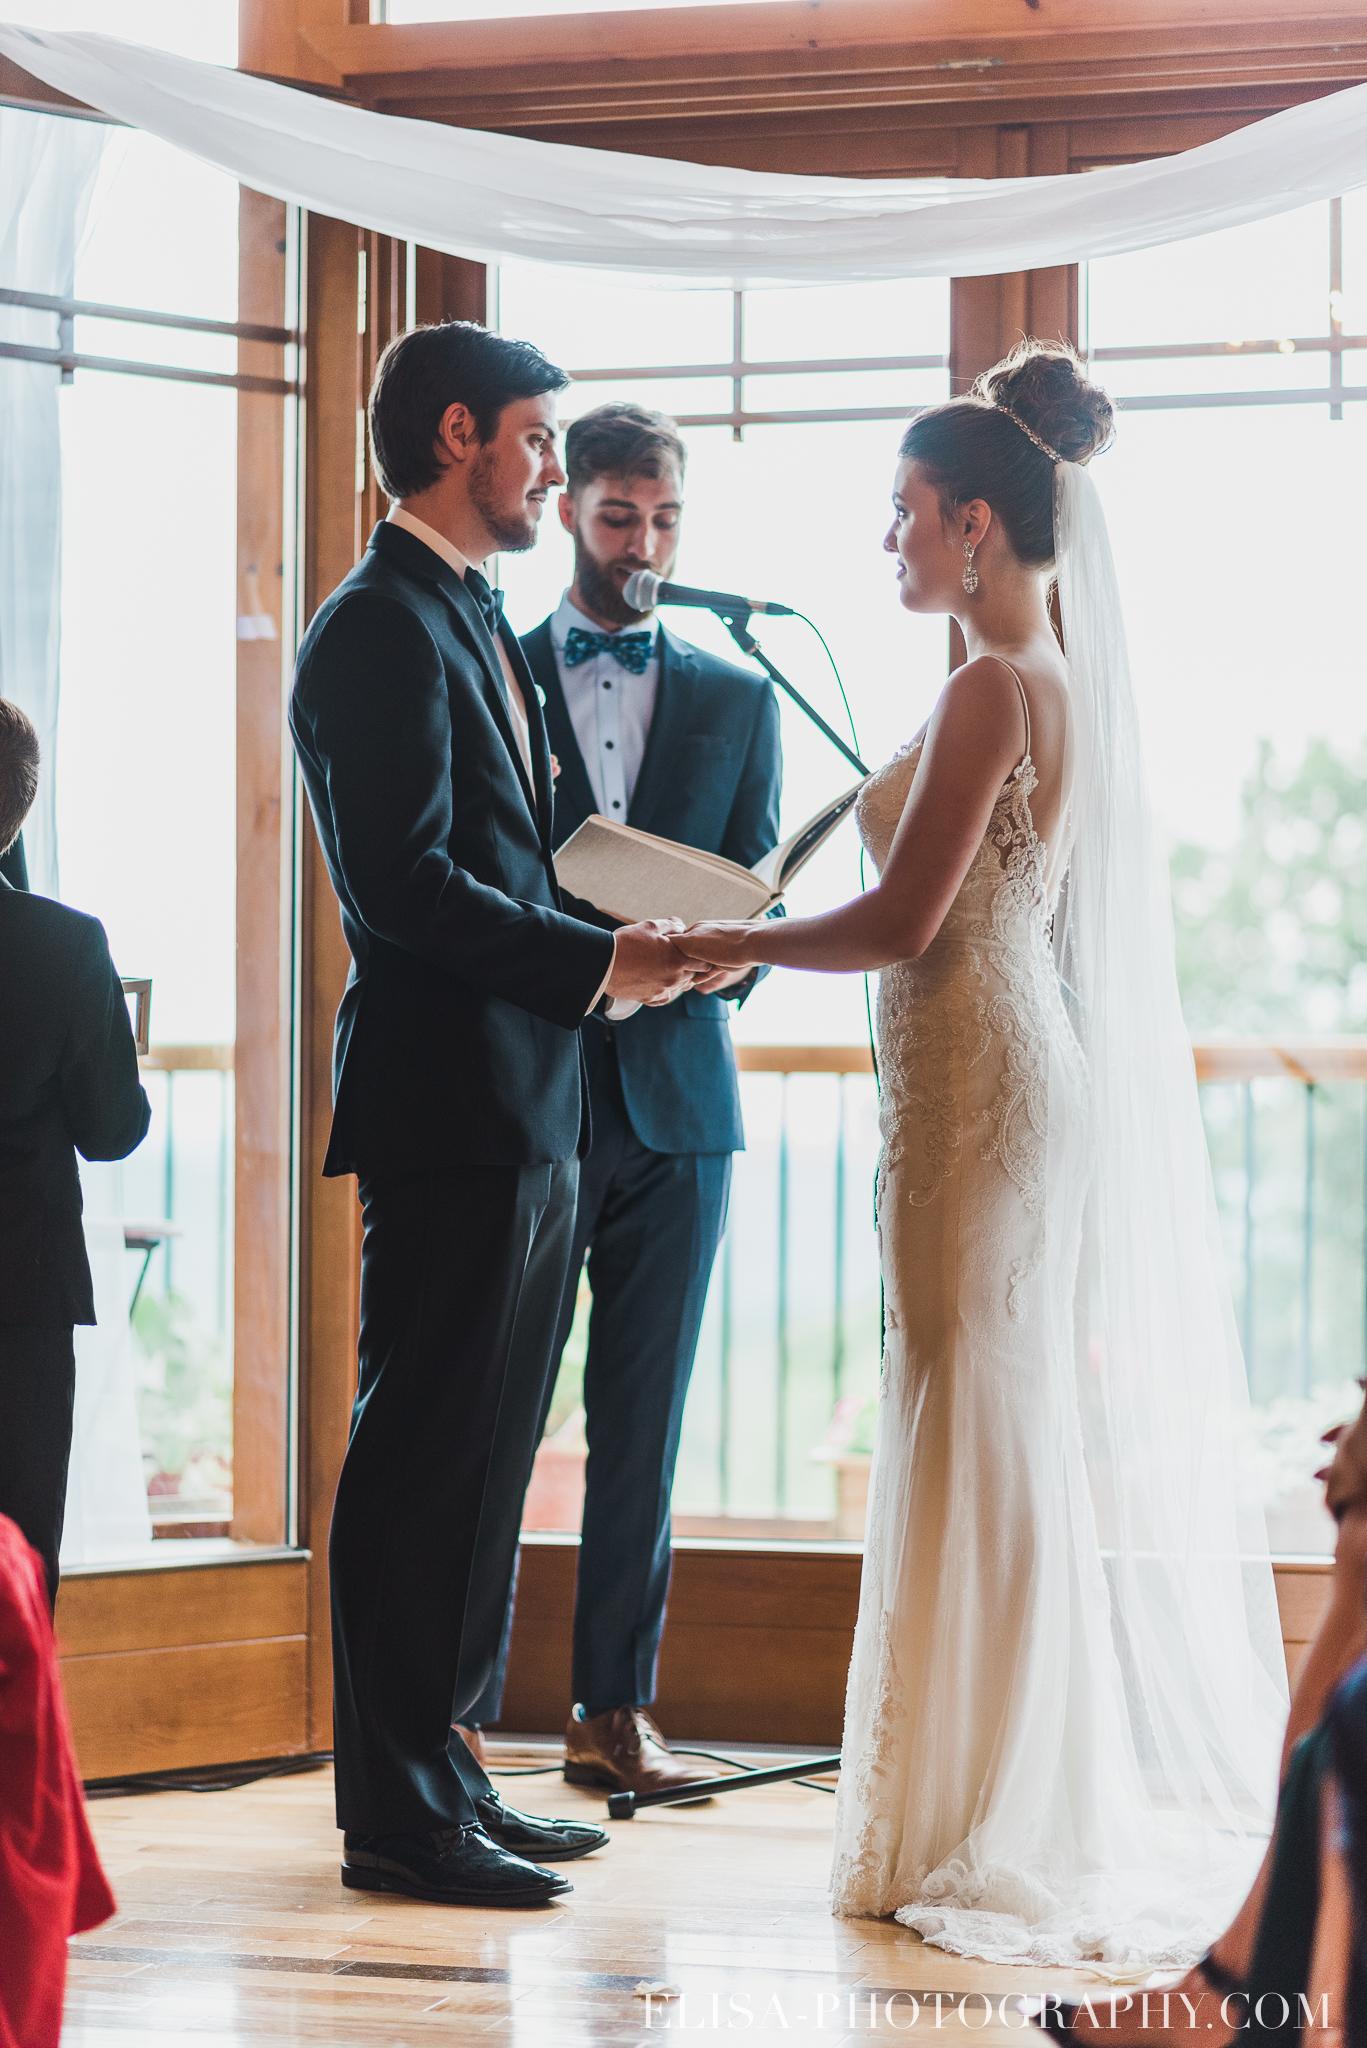 photo mariage a la montagne domaine tomali maniatin ceremonie voeux echange des alliances 6044 - Mariage à la montagne au domaine Tomali-Maniatyn